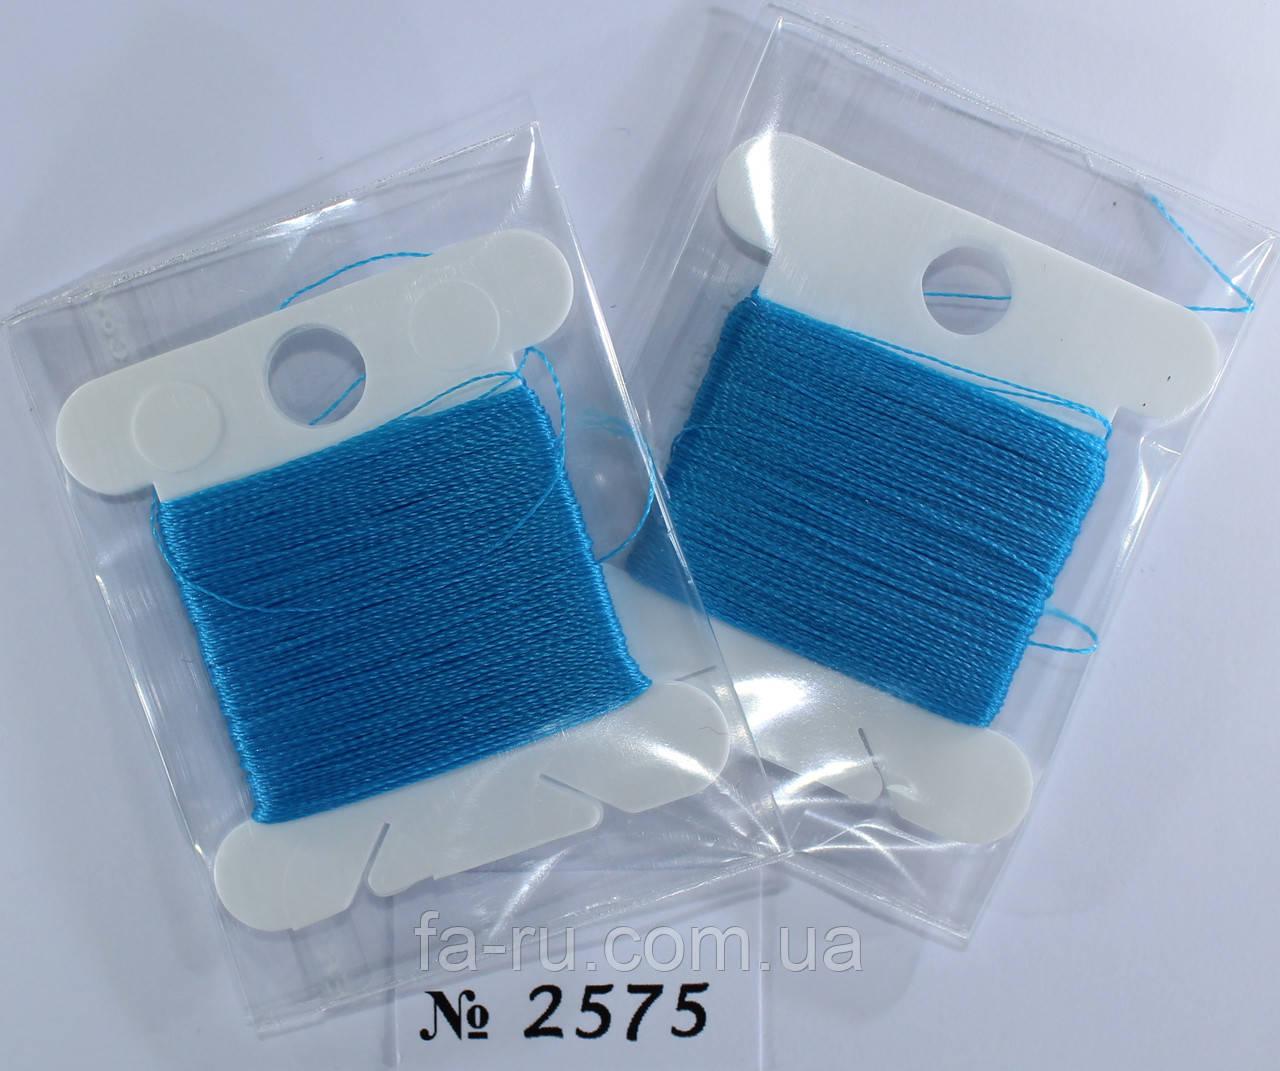 Нить для бисера TYTAN 100 №2575. Лазурно-голубой 30 м